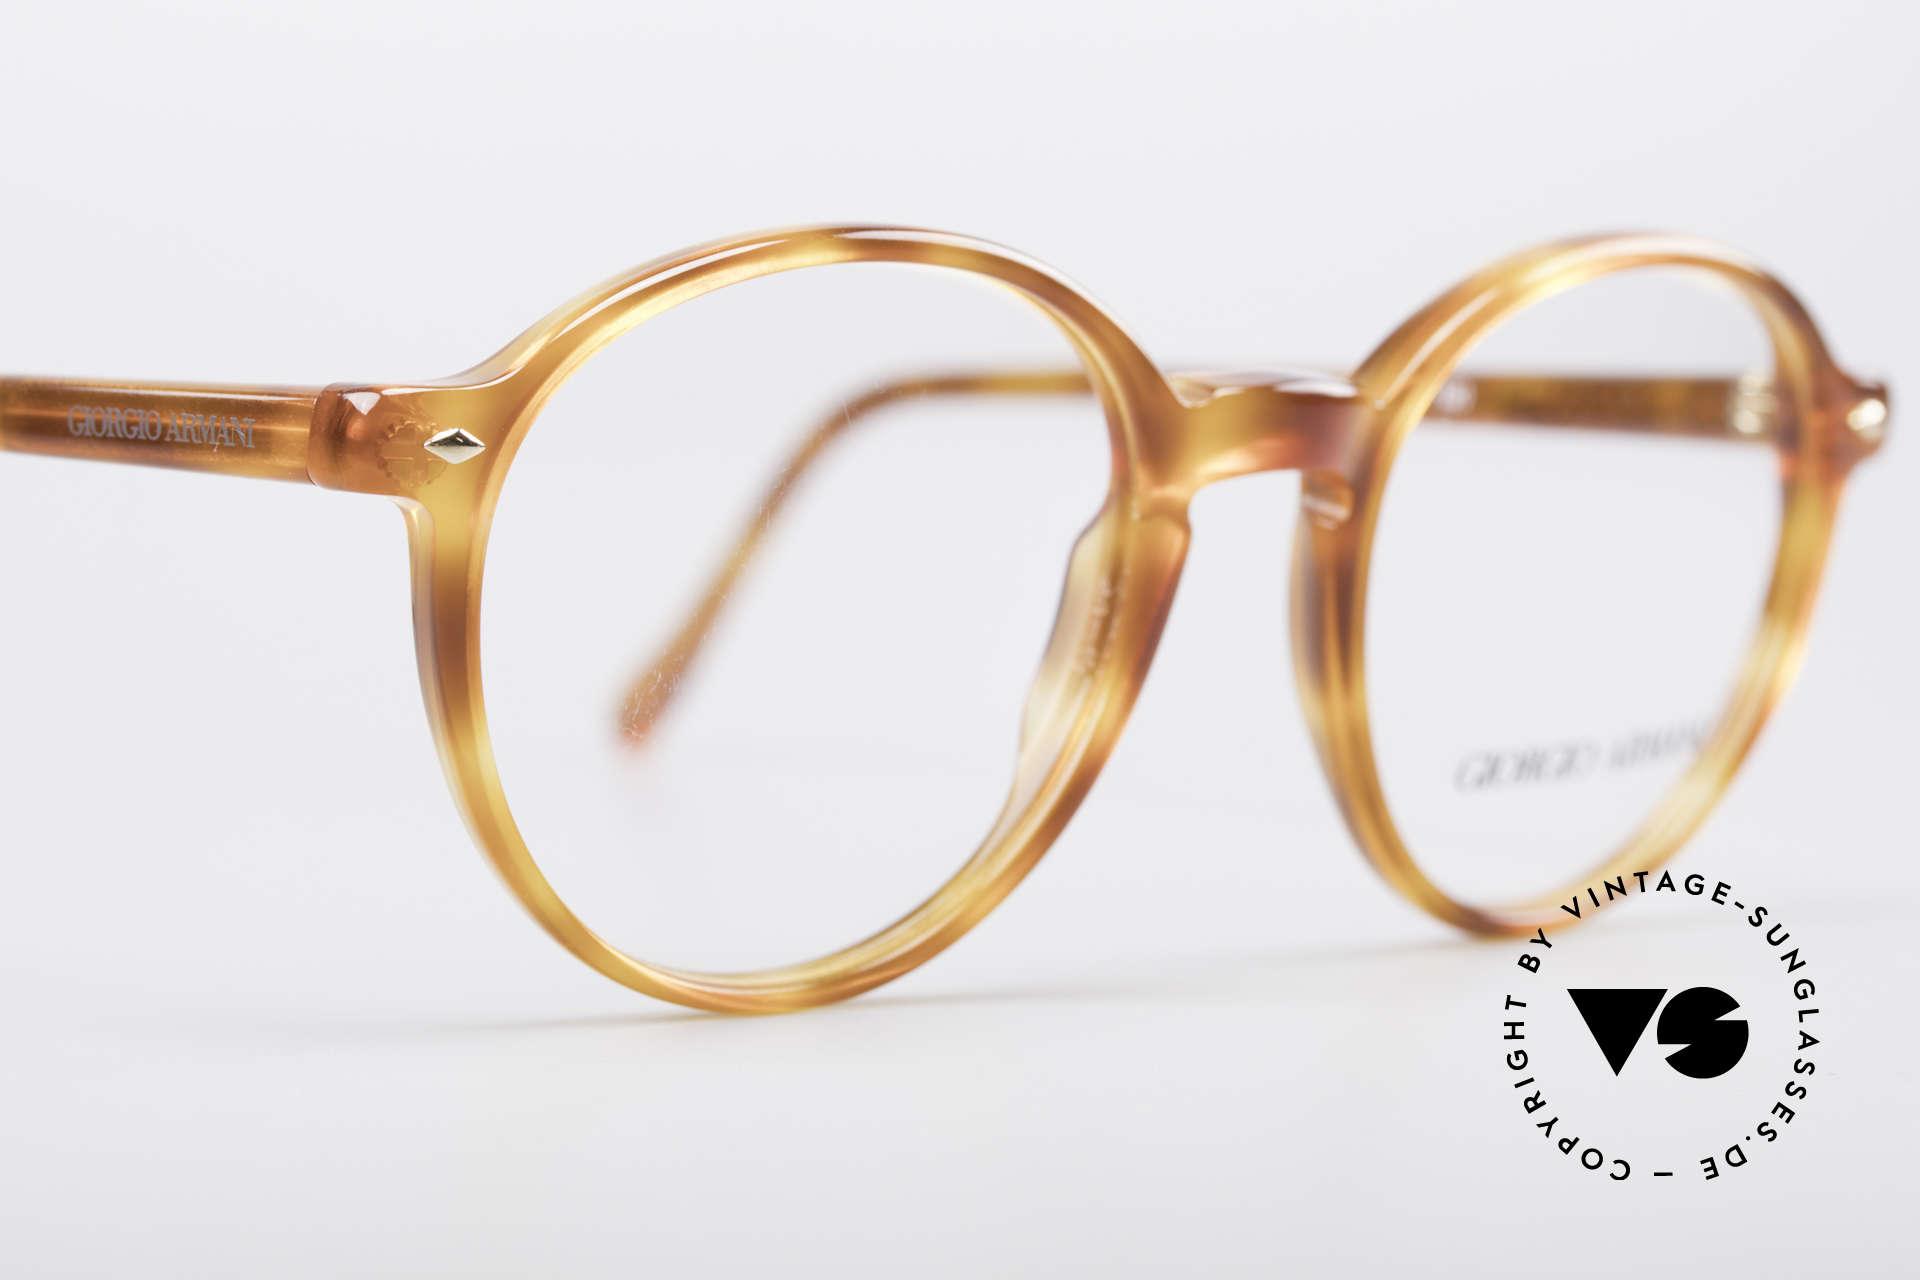 Giorgio Armani 325 Panto 90's Eyeglasses, NO retro frame, but an unique 25 years old ORIGINAL!, Made for Men